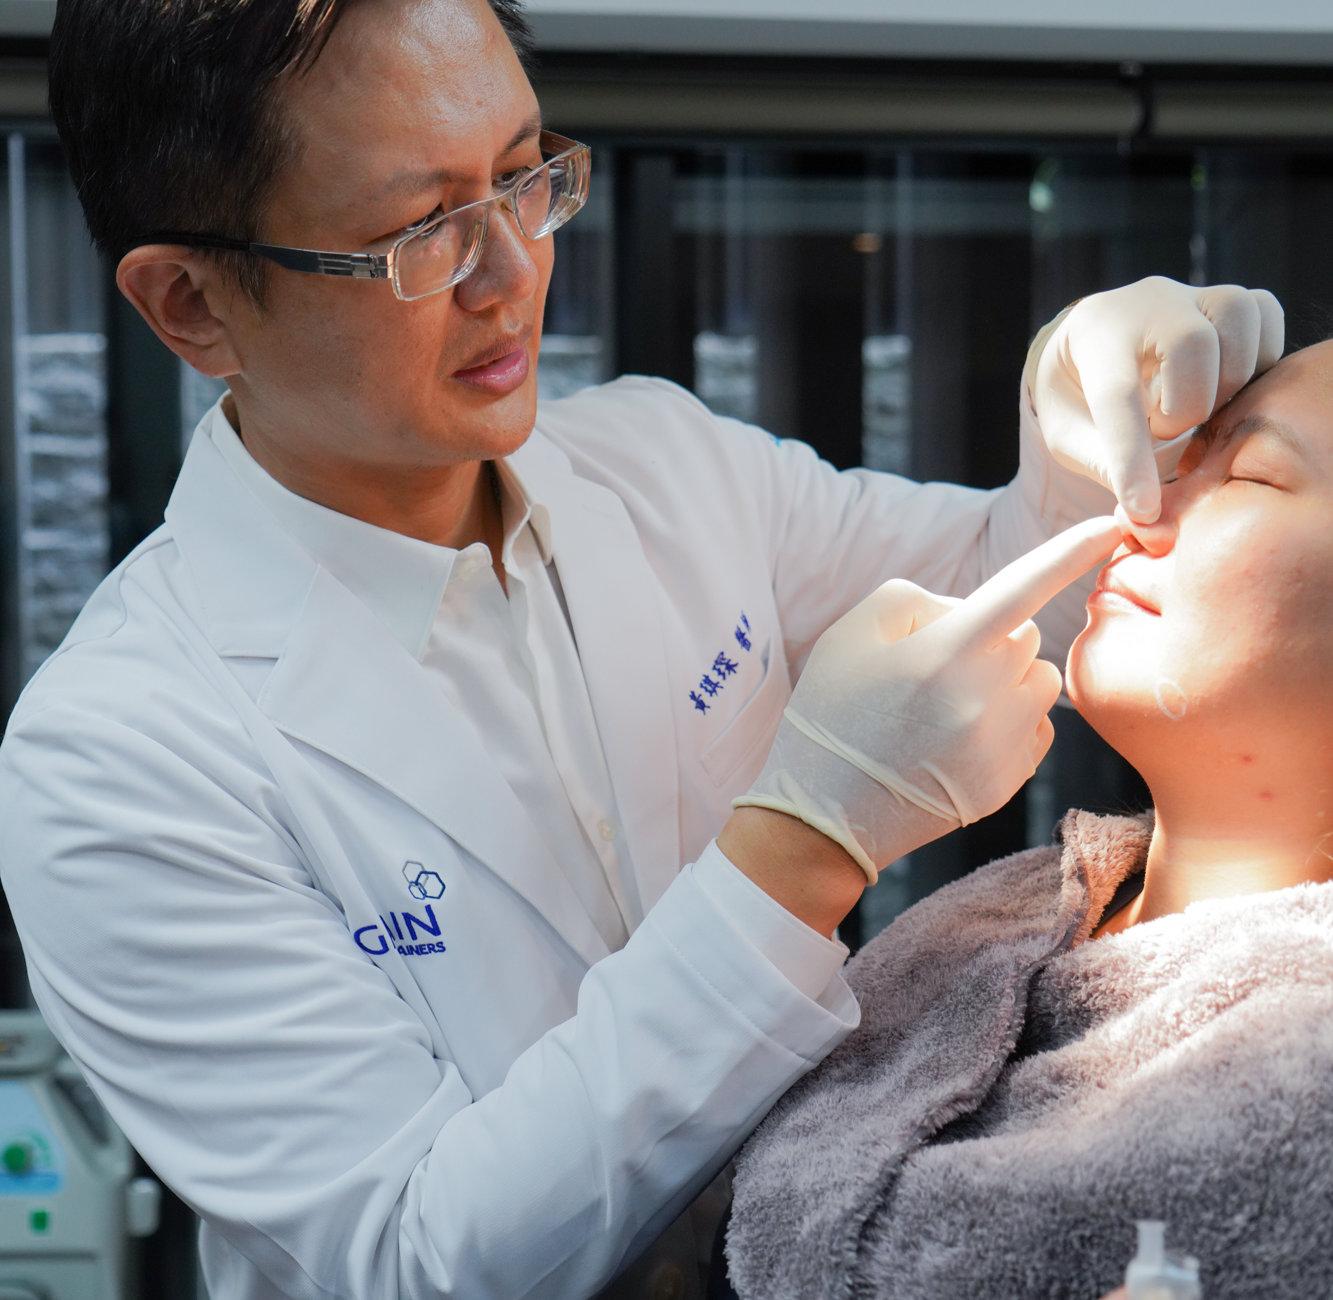 玻尿酸(Hyaluronic Acid)鼻子注射入針孔,由黃琪琛院長示範